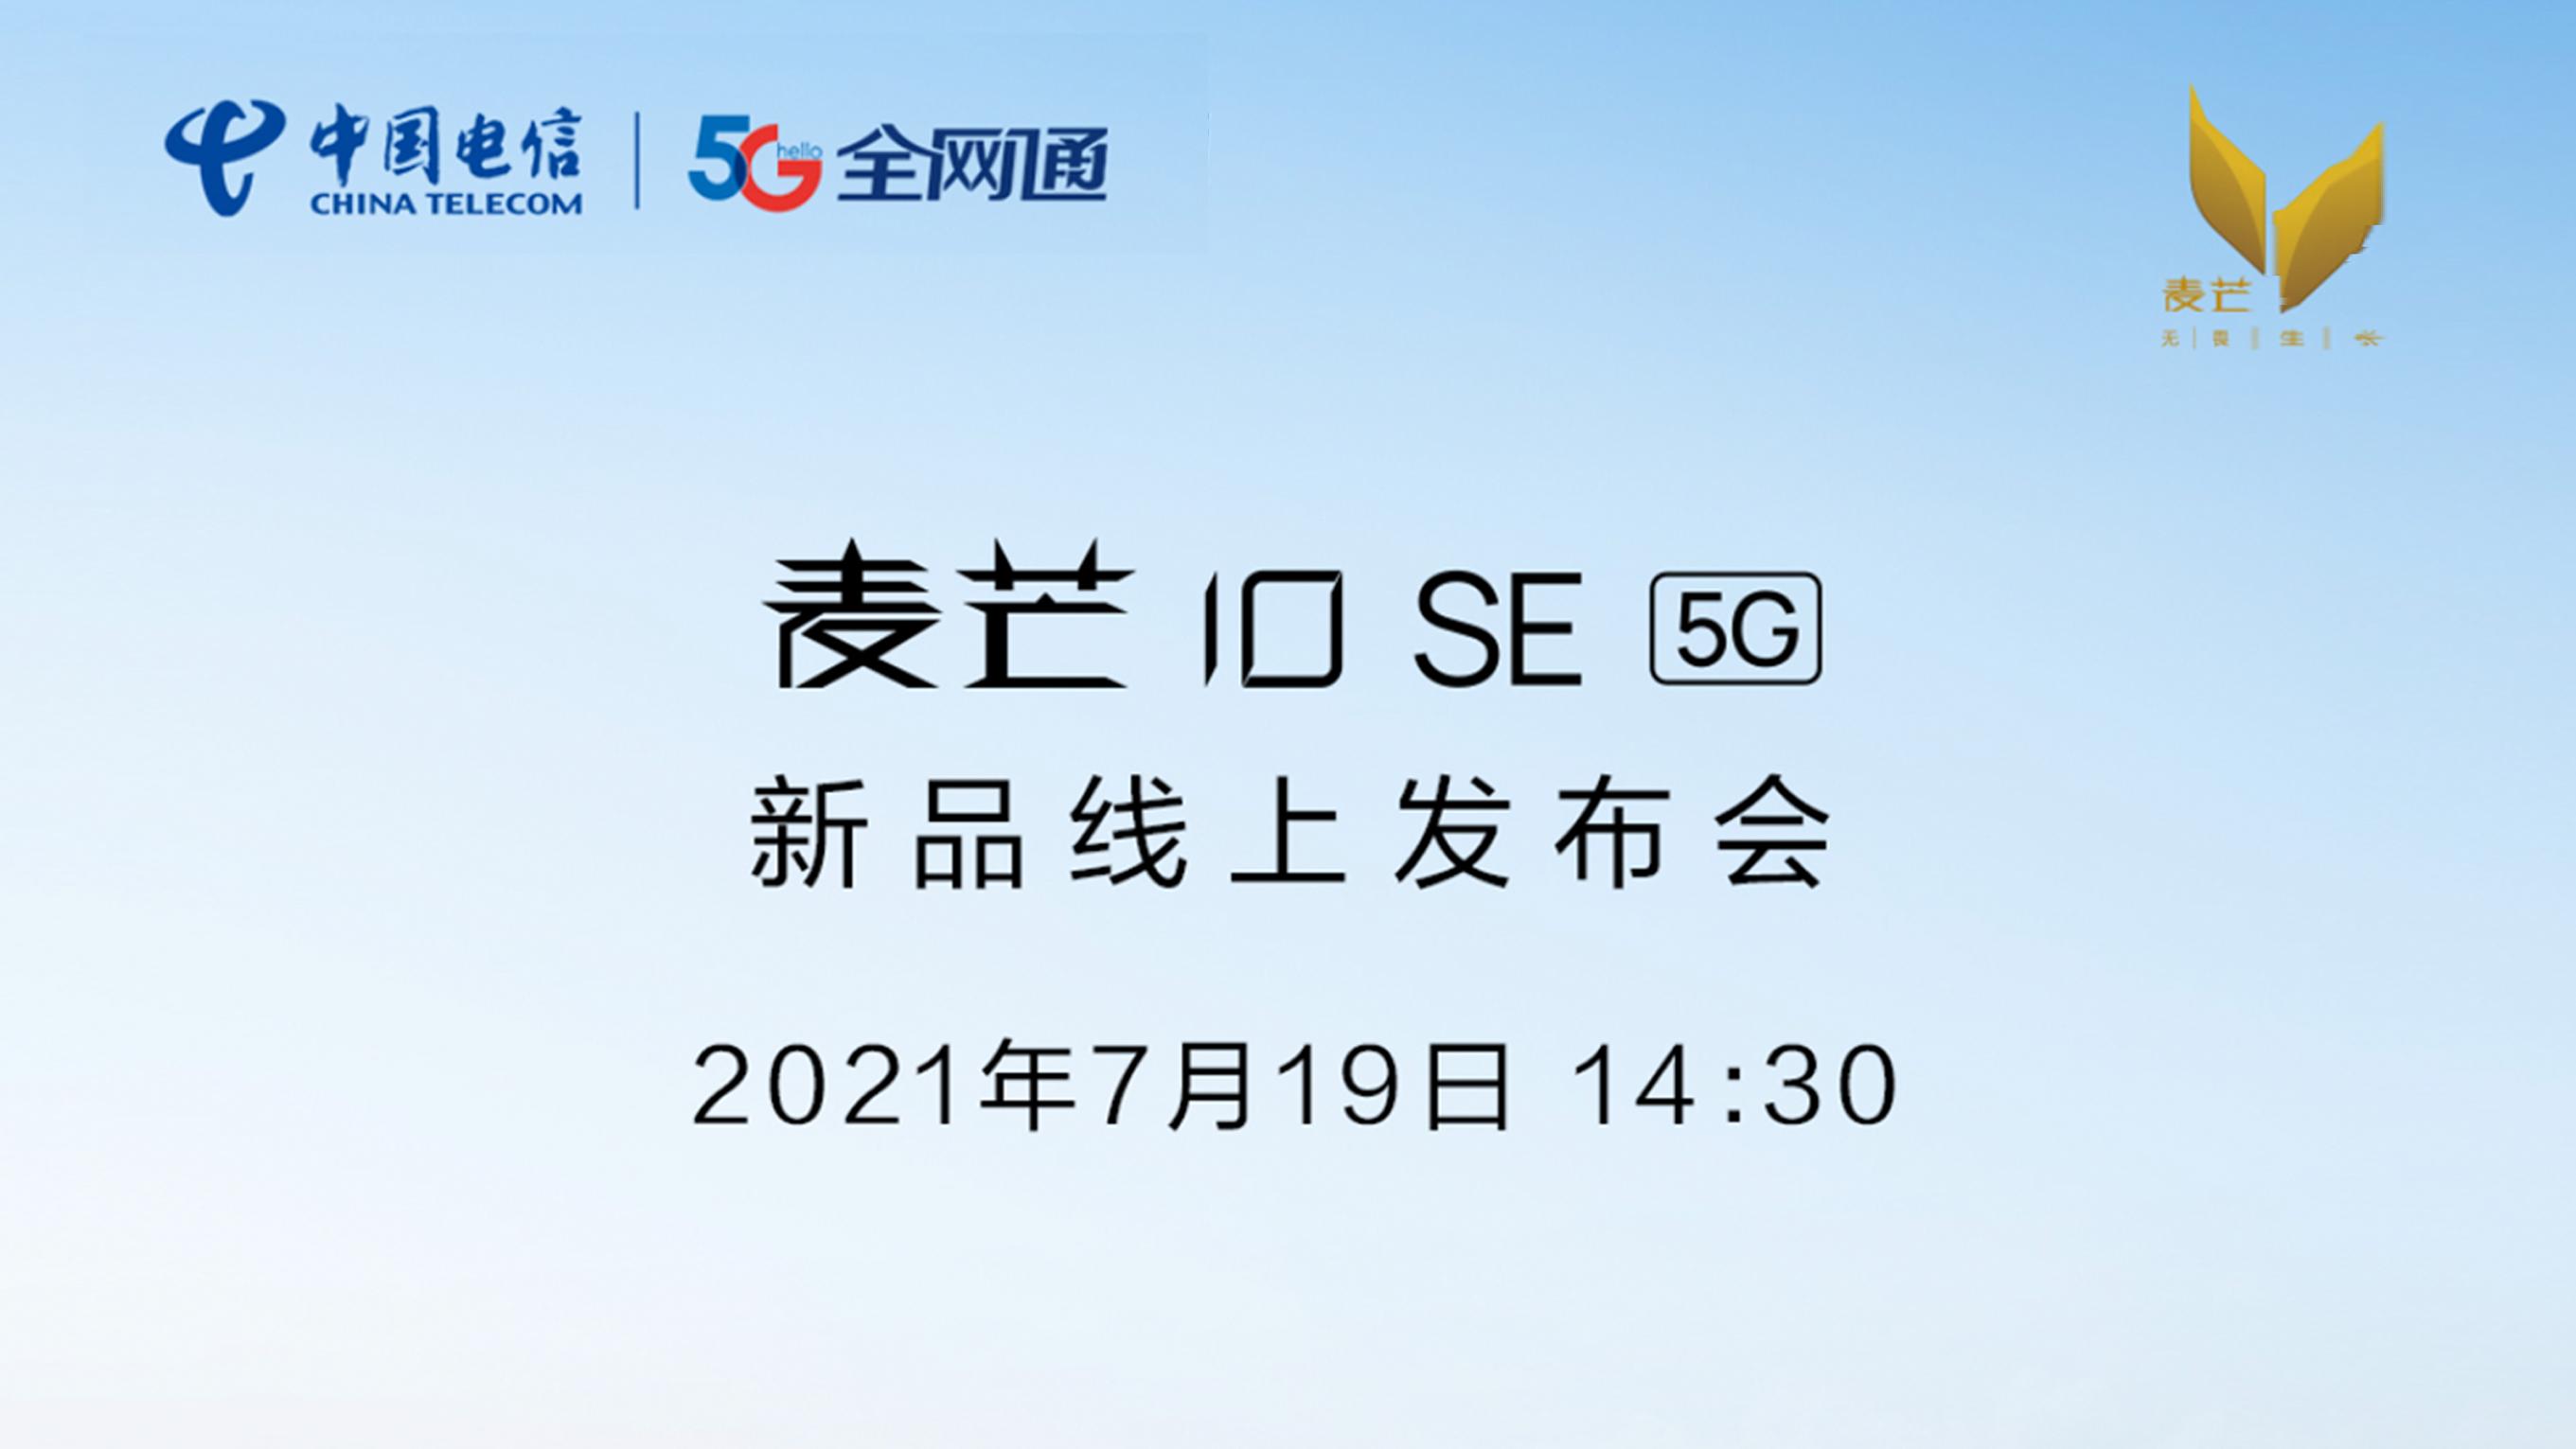 麦芒10 SE新品线上发布会